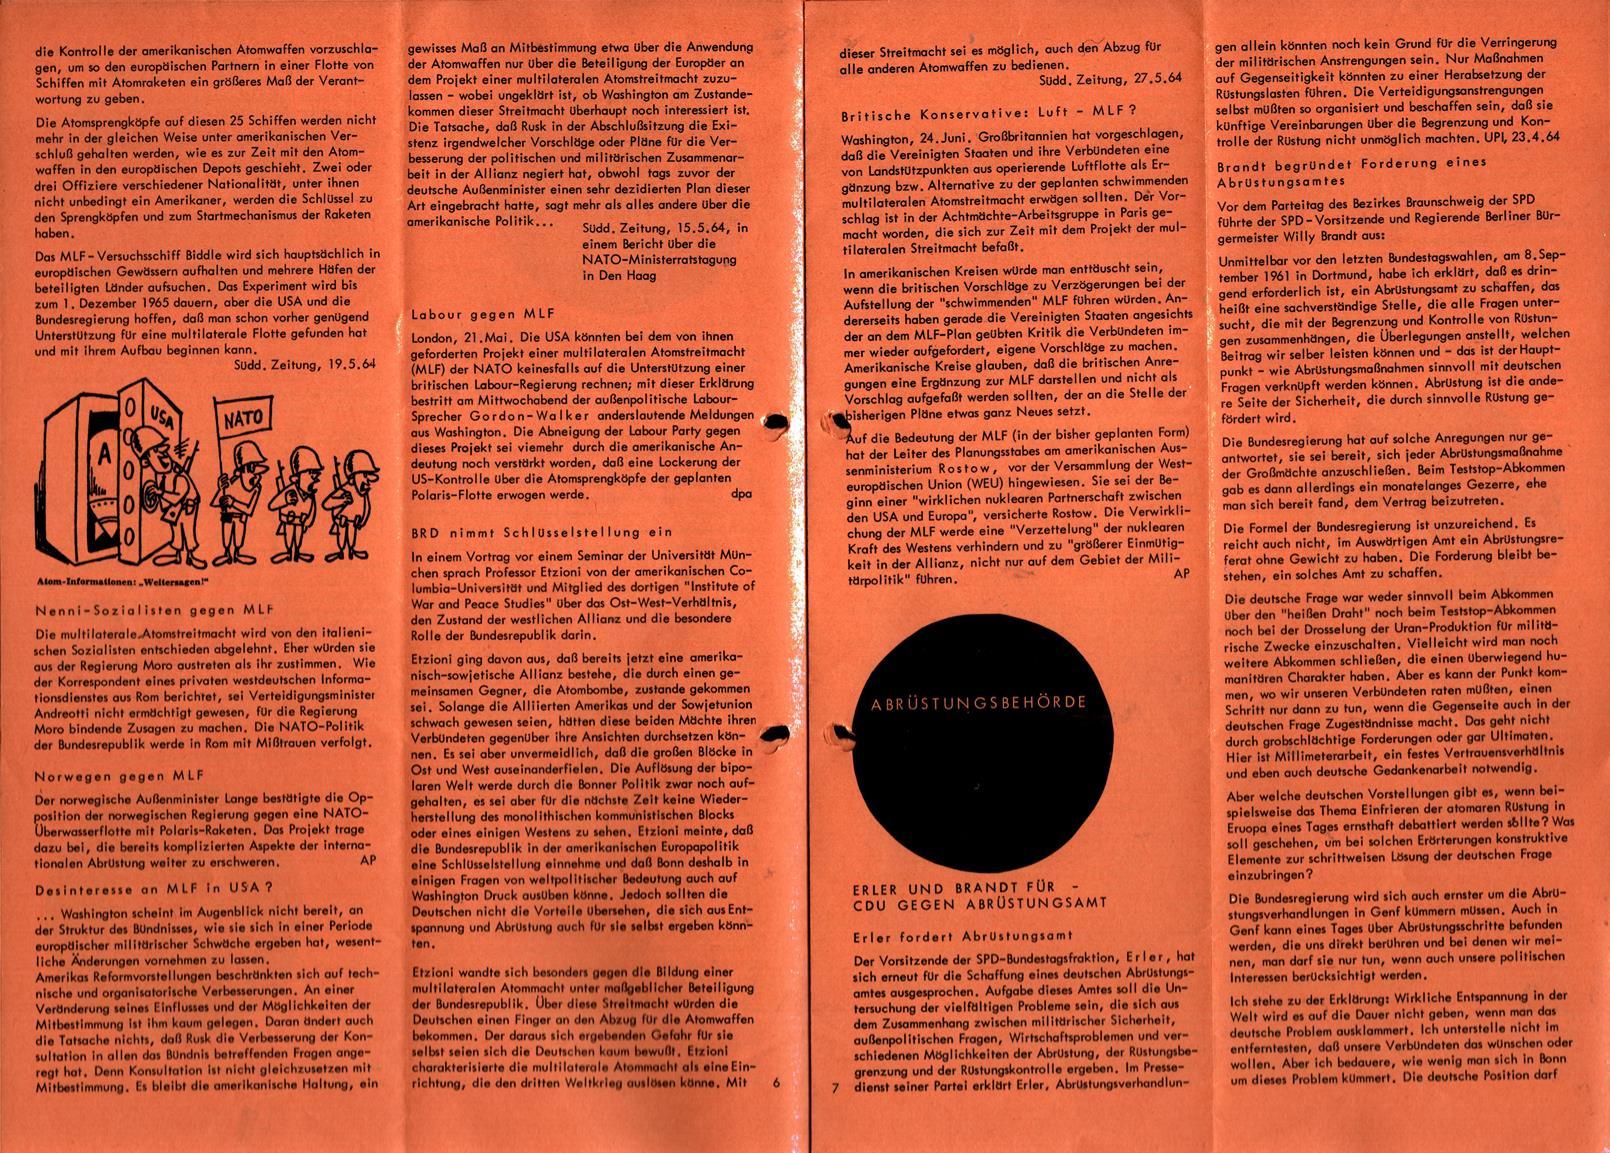 Infos_zur_Abruestung_1964_012_013_004